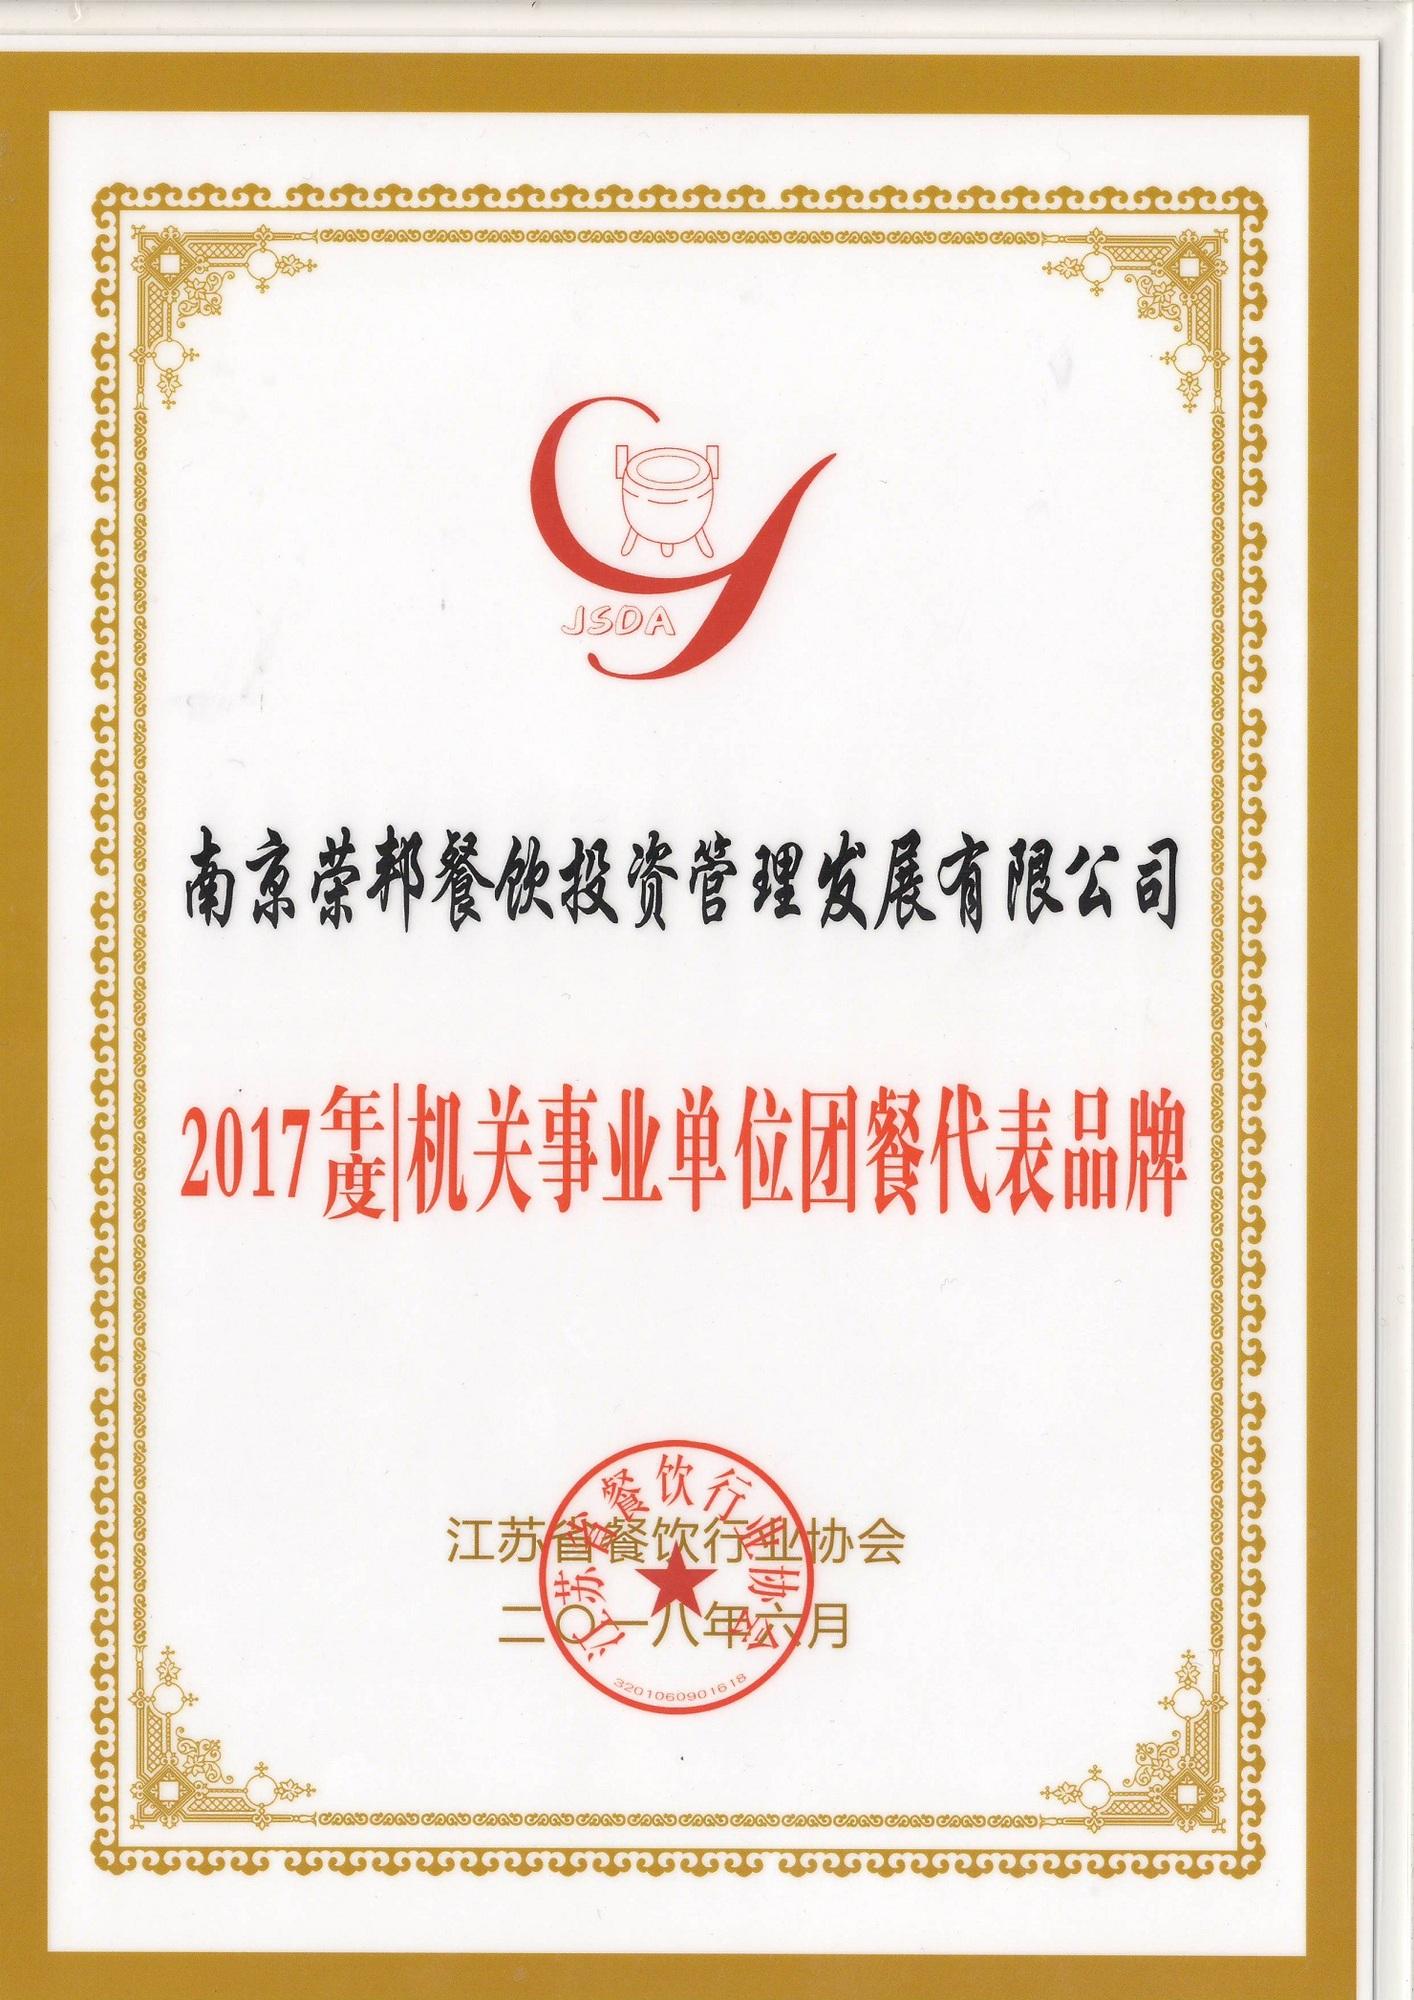 機關事業單位團餐代表.JPG